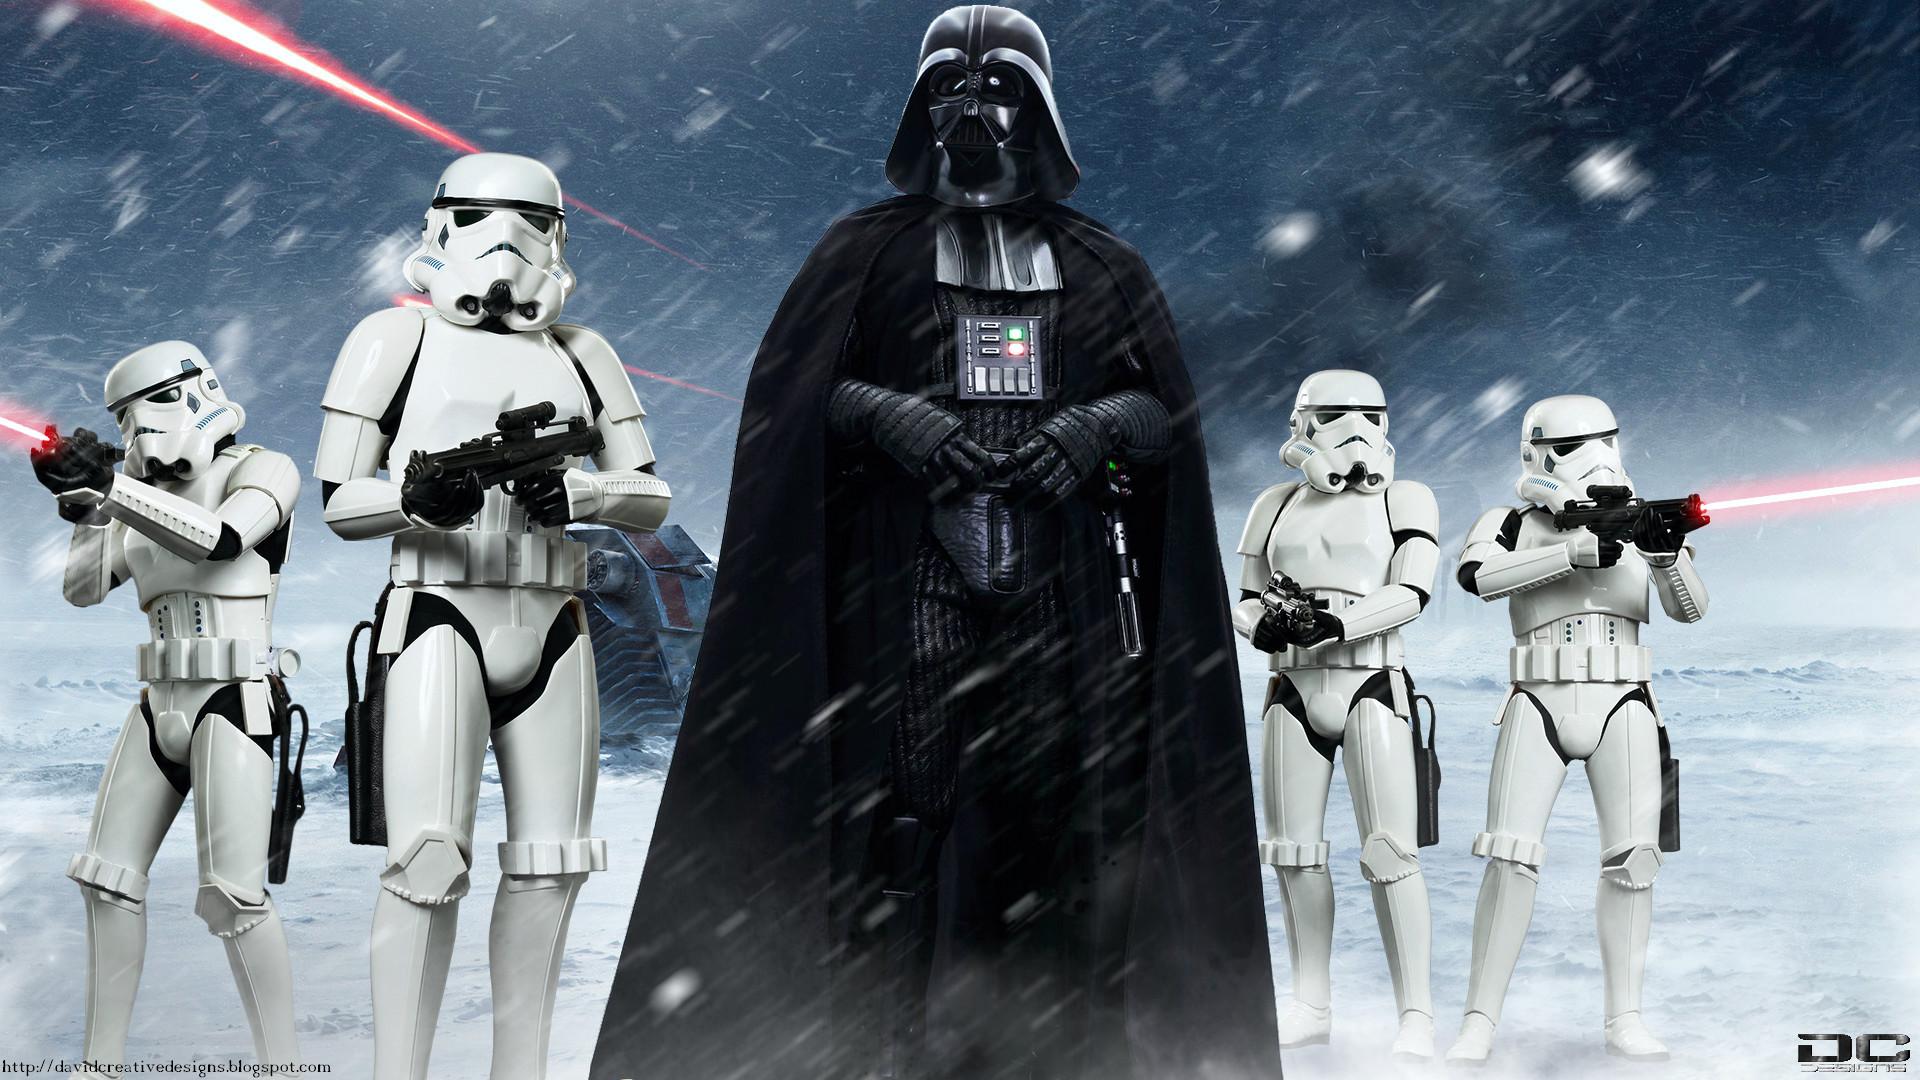 Movie Star Wars Hot Toys Fan Art Stormtrooper Darth Vader Wallpaper